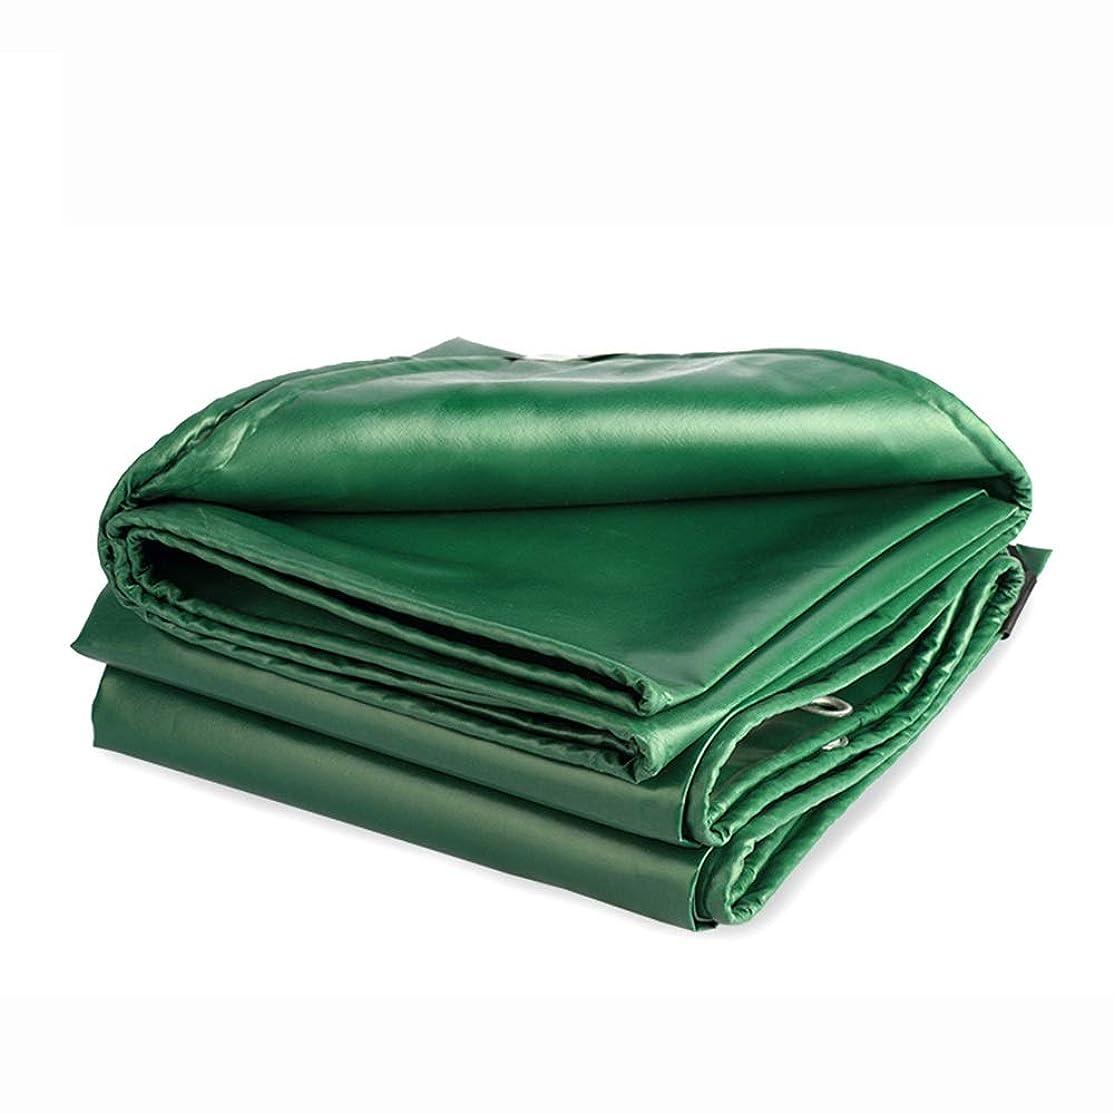 アナロジー静かな付属品HPLL 多目的防水シート グリーンパッド入りターポリン、防水日焼け止めオックスフォード布屋外カバーレインキャンバス0.4 Mm、480 G / M2、防錆保護リング付き 防水シートのプラスチック布,防雨布 (Size : 3m×3m)